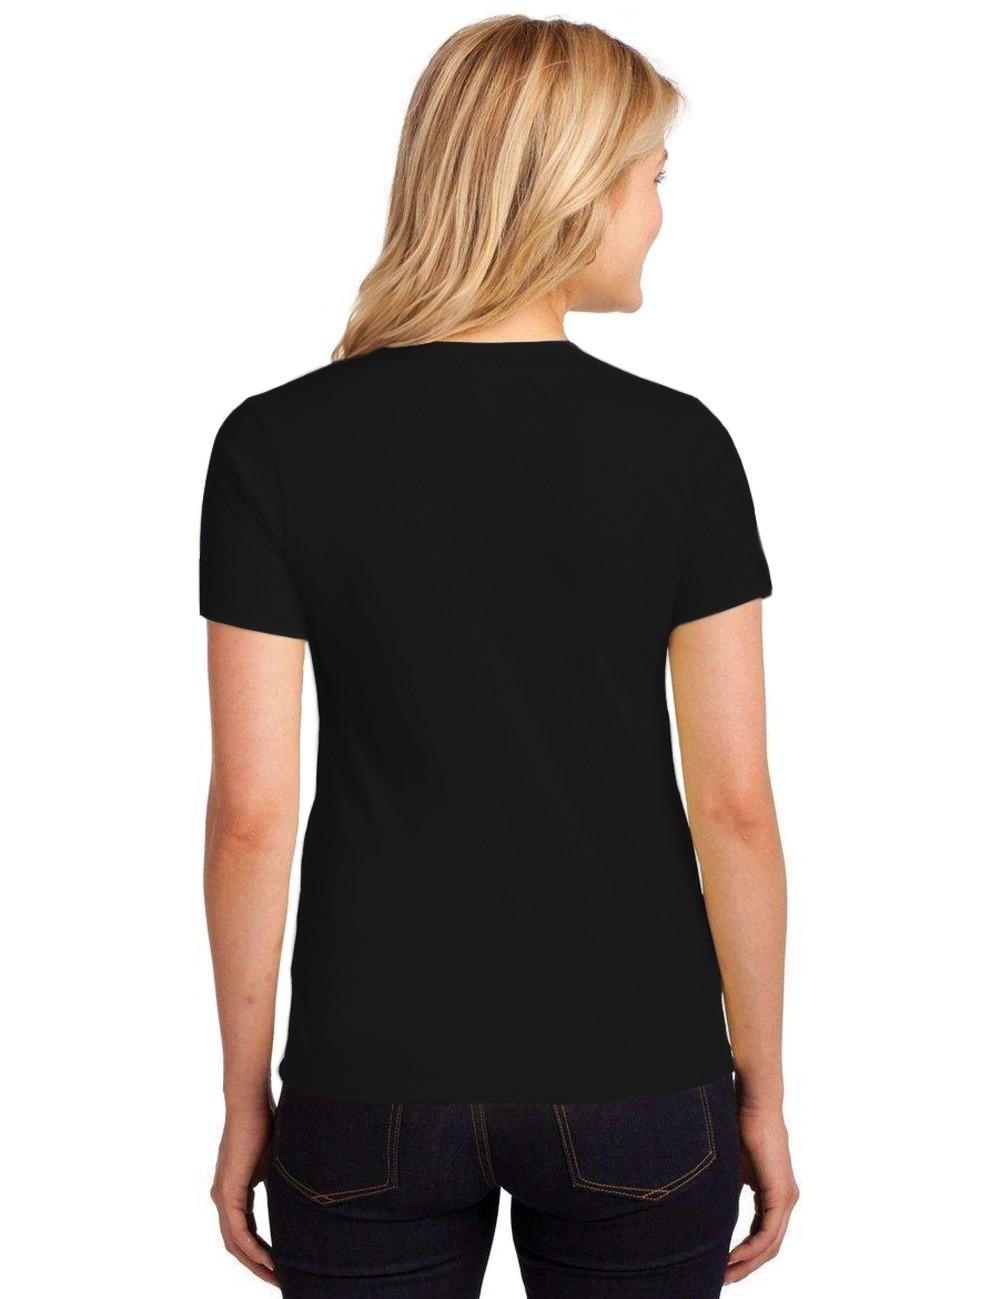 Camiseta Feminina T-Shirt Universitária Faculdade Odontologia